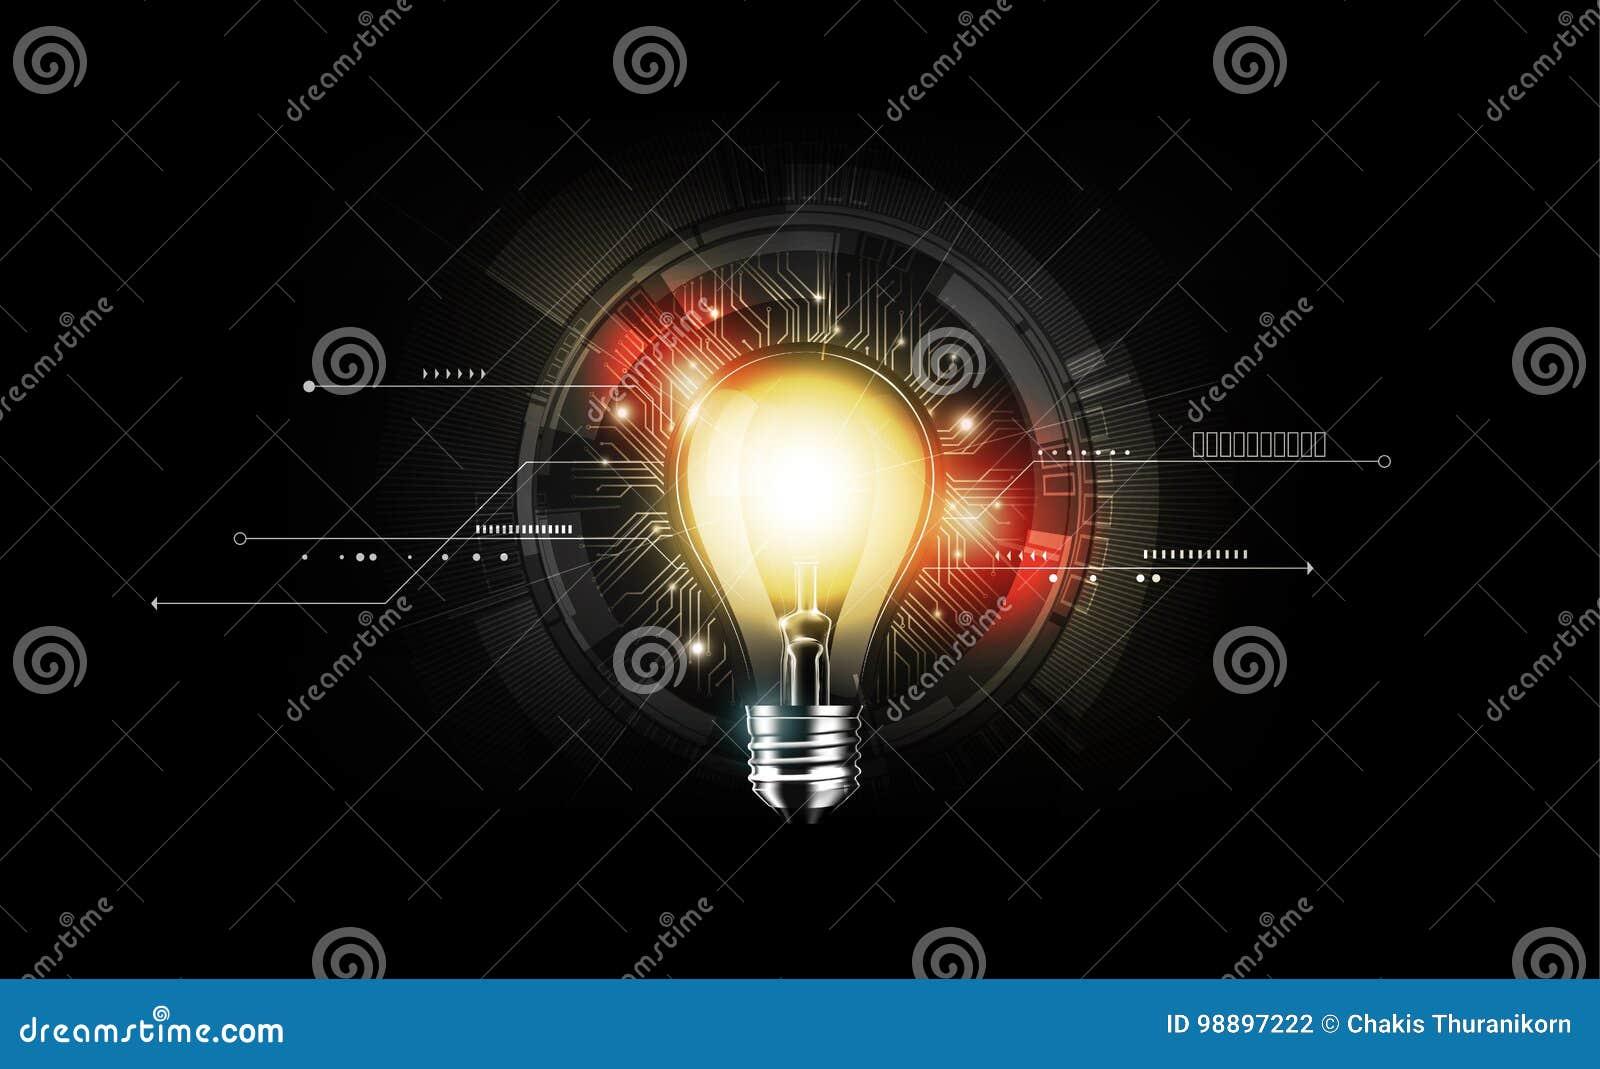 Ljus kula för glöd med teknologibegrepp och futuristisk elektronisk teknologi på mörk bakgrund, illustrationvektor